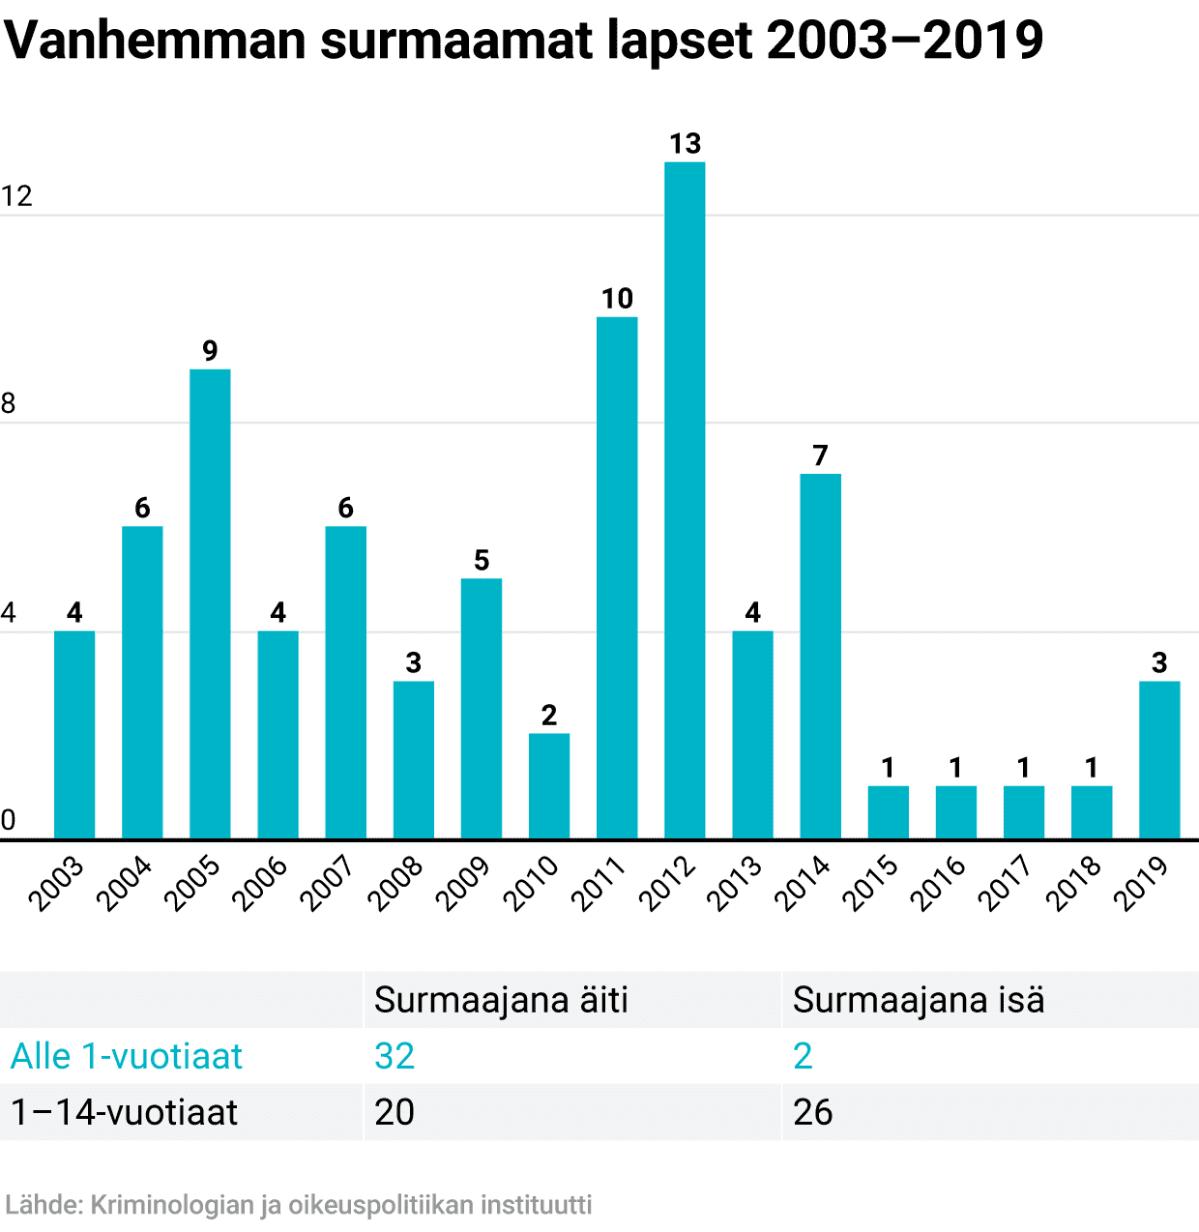 Vanhemman surmaamat lapset 2003-2019